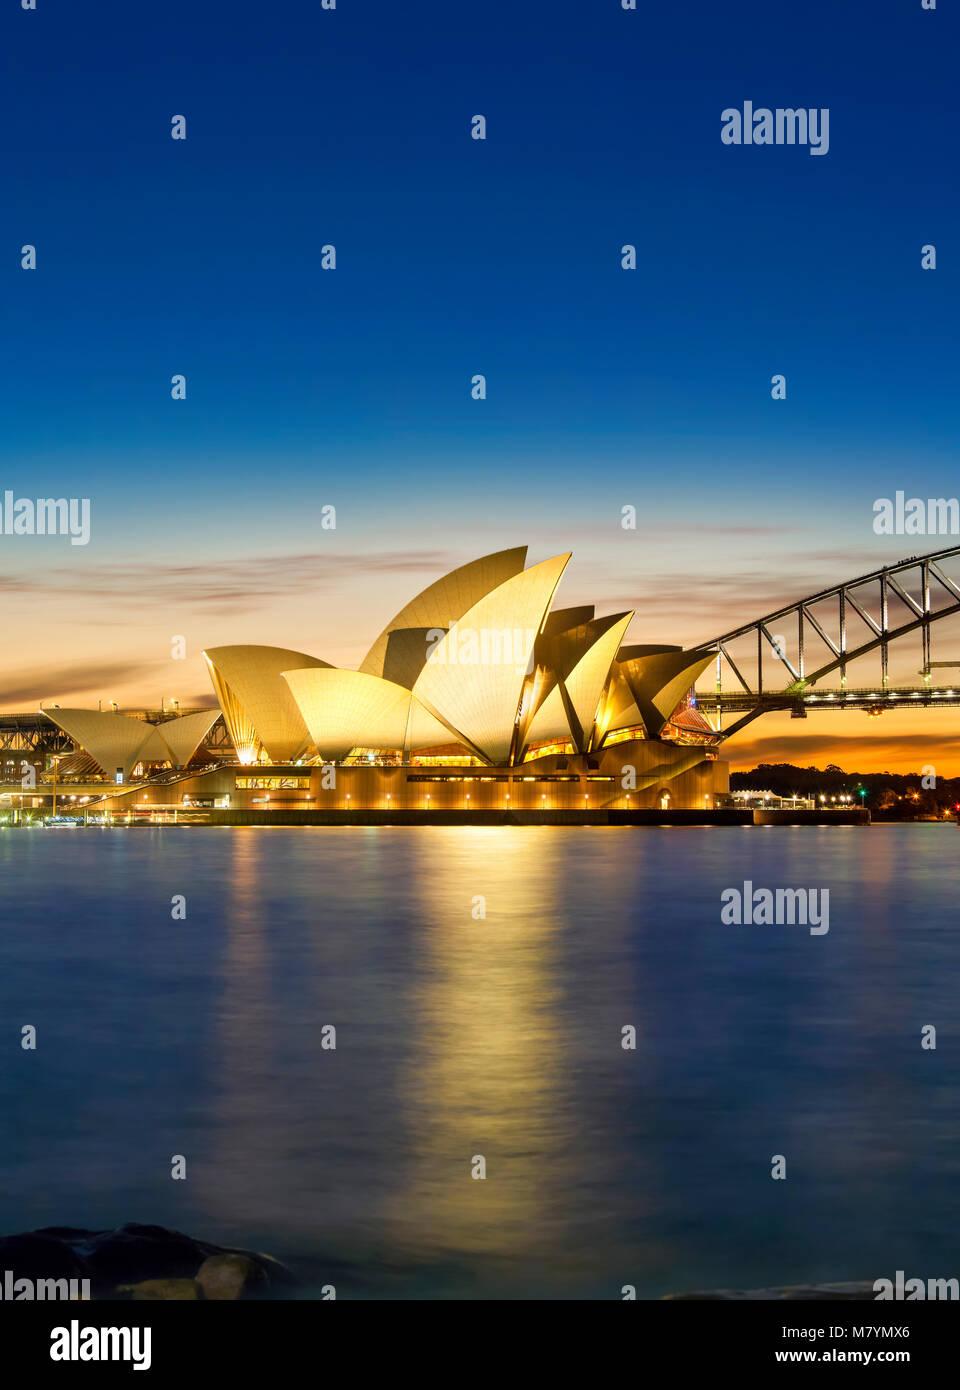 Avec l'Opéra de Sydney Harbour Bridge de Sydney, Sydney Harbour Bridge au coucher du soleil Sydney Australie Nouvelle Galles du Sud. Banque D'Images